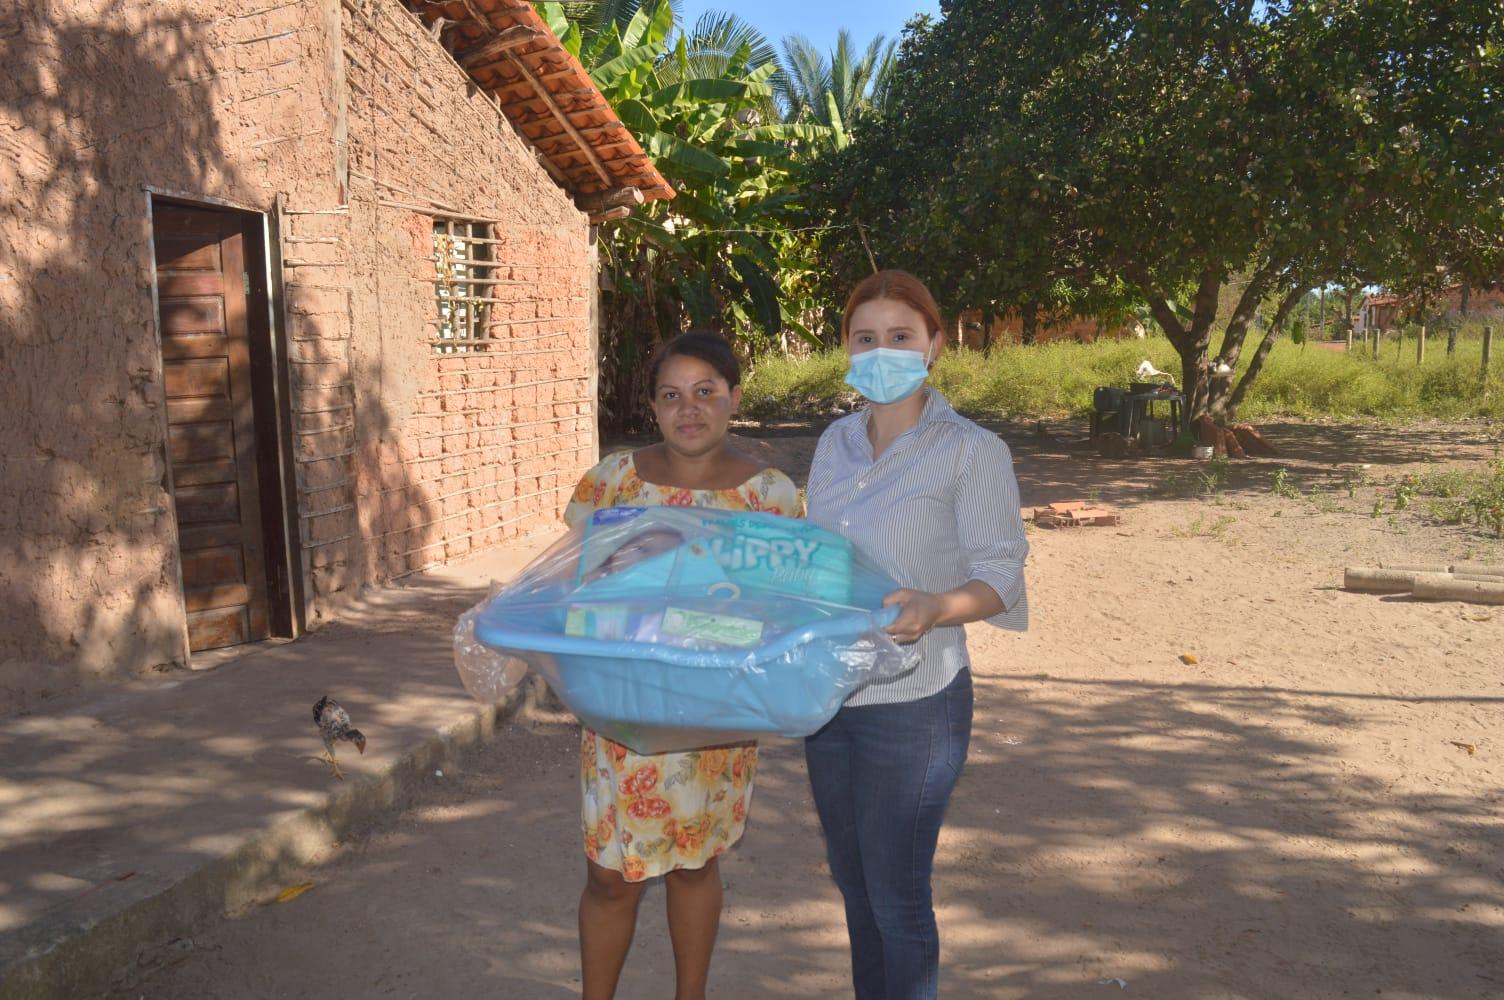 A vereadora do município de Peritoró Vanessa Murad, fez uma ação solidária na tarde da última terça-feira (03), a parlamentar fez a doação de enxovais para futuras mamães nos povoados Barro e Piranha.